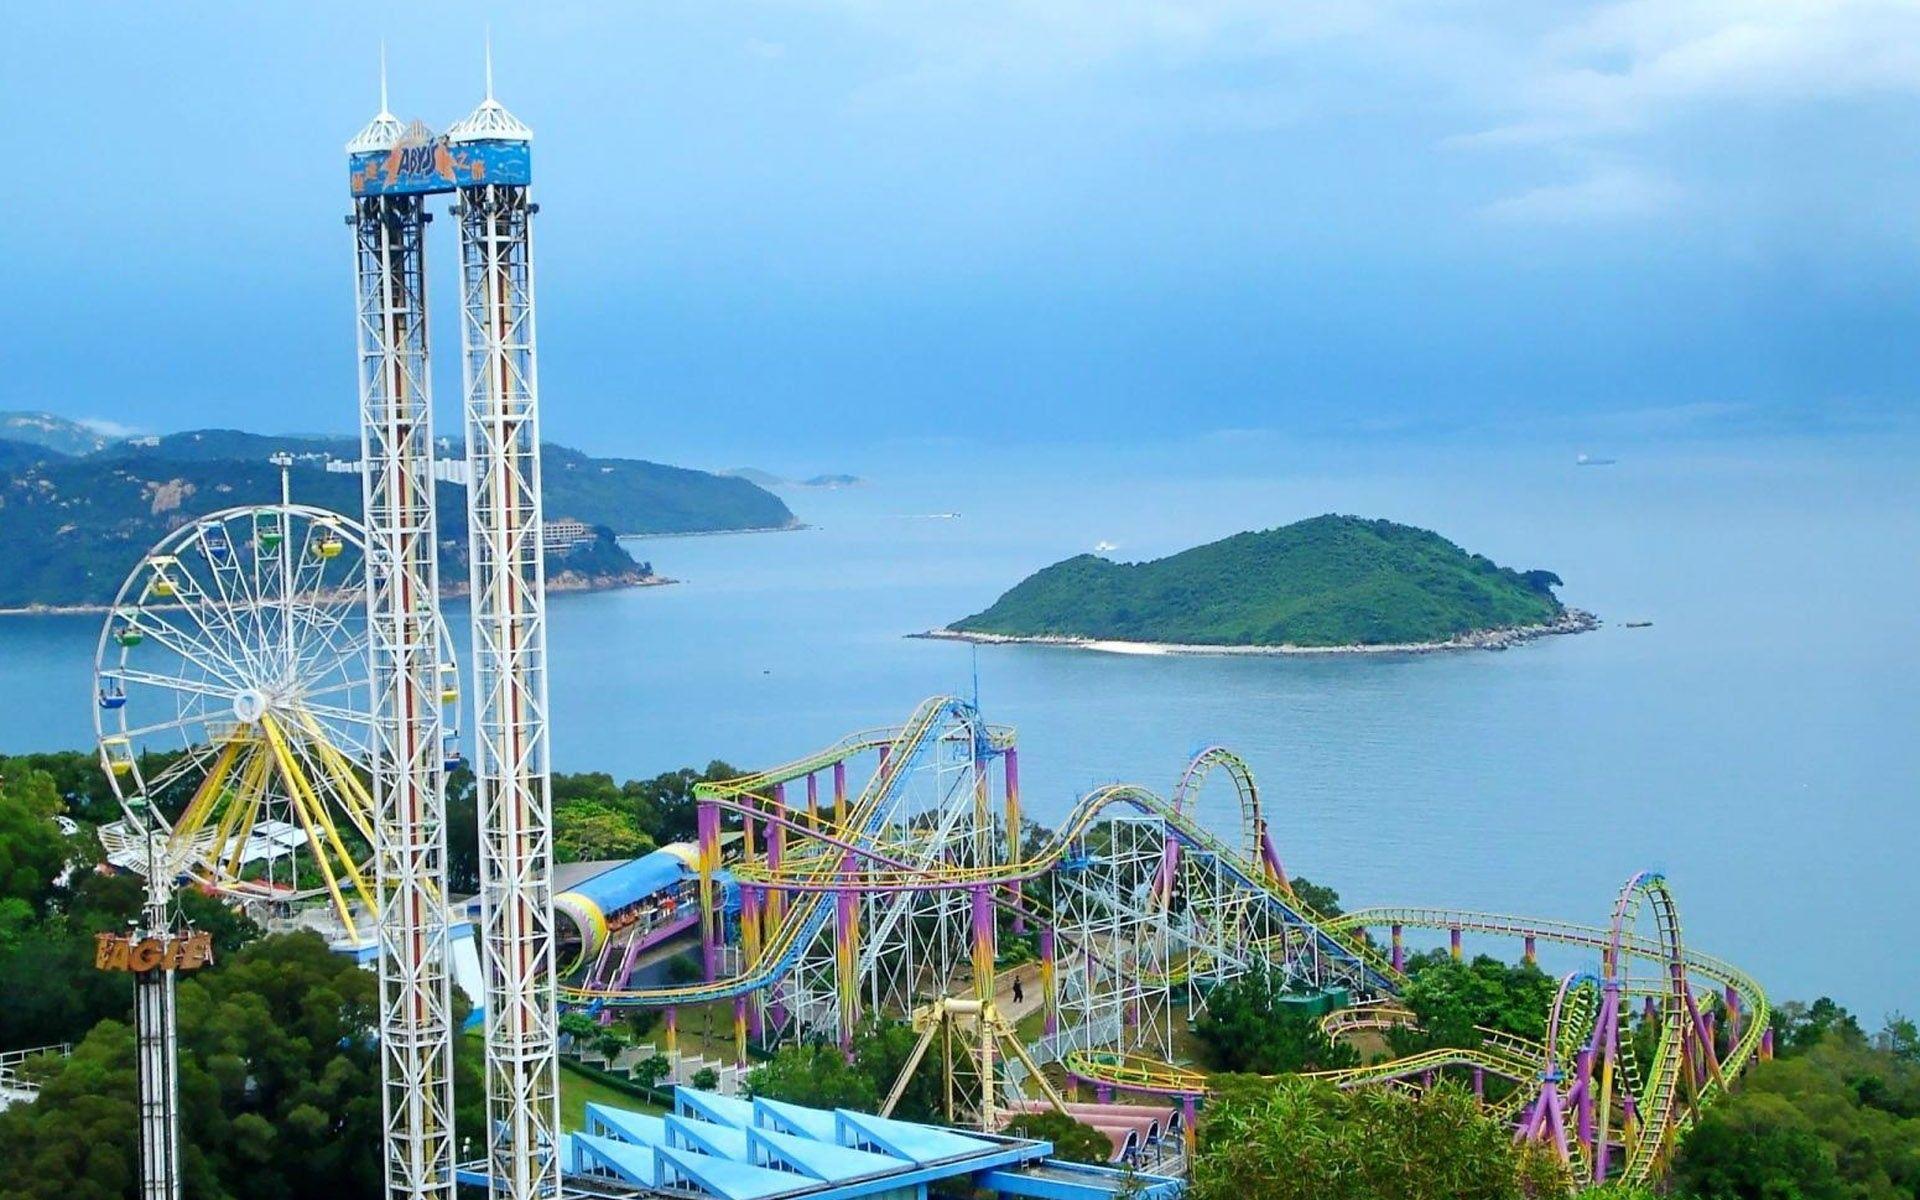 Hong Kong Disneyland Roller Coaster Hd Wallpapers Pinterest